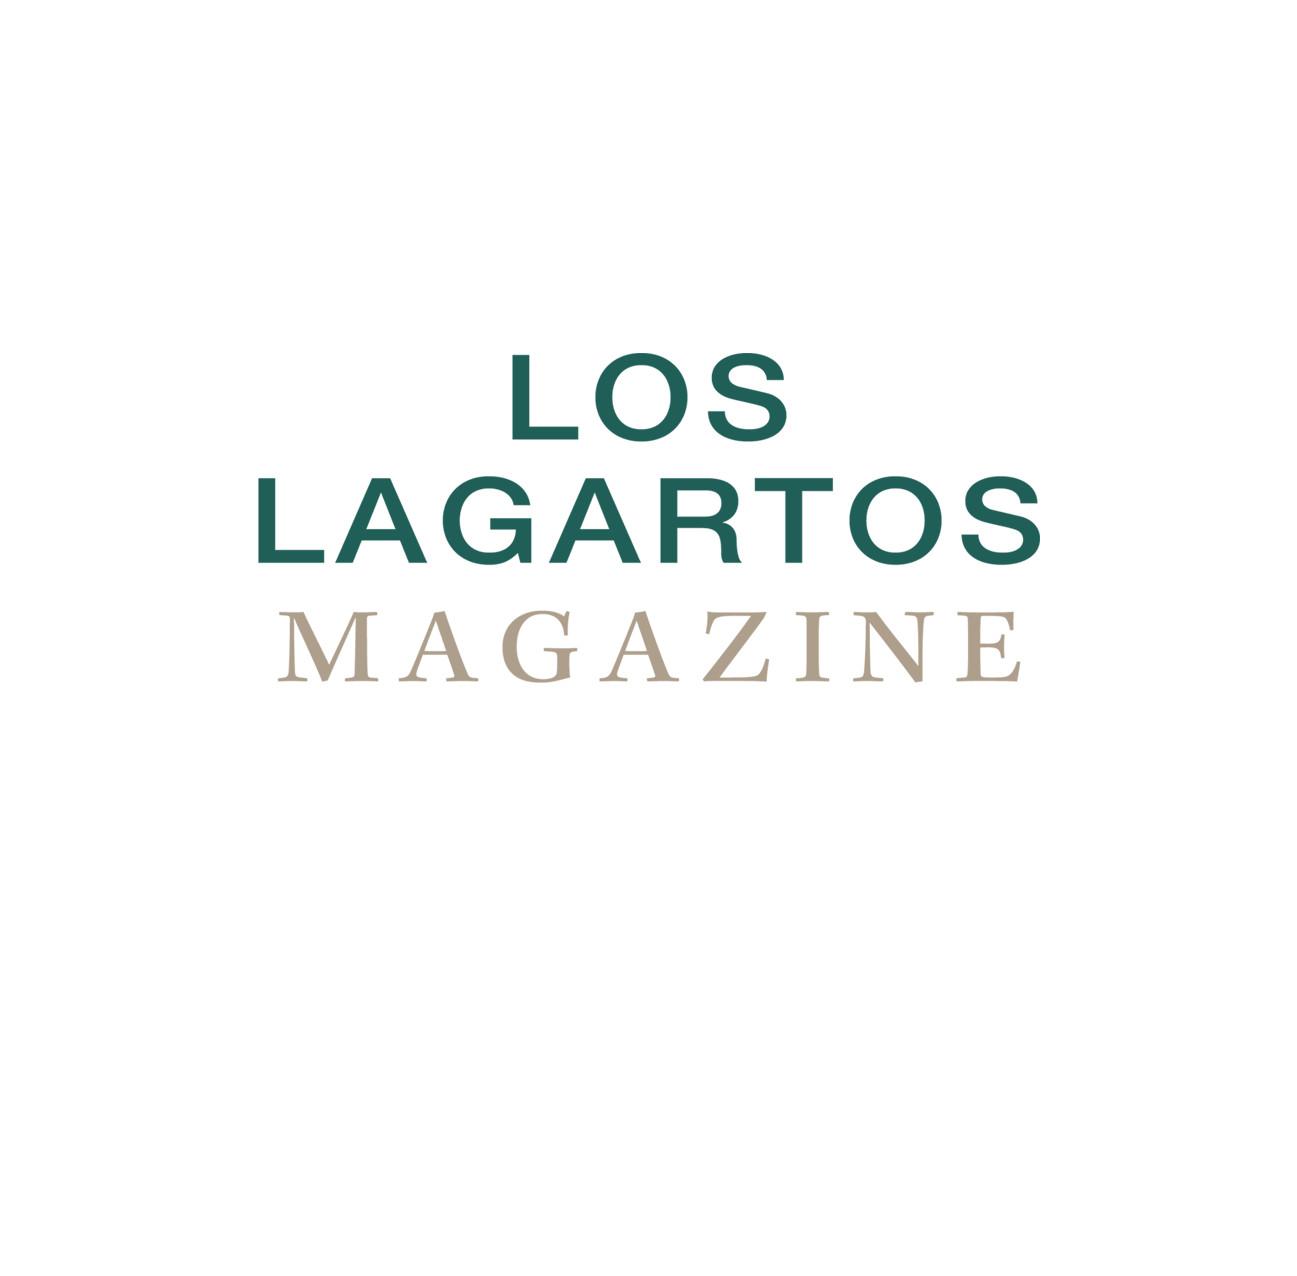 Los Lagartos Magazine